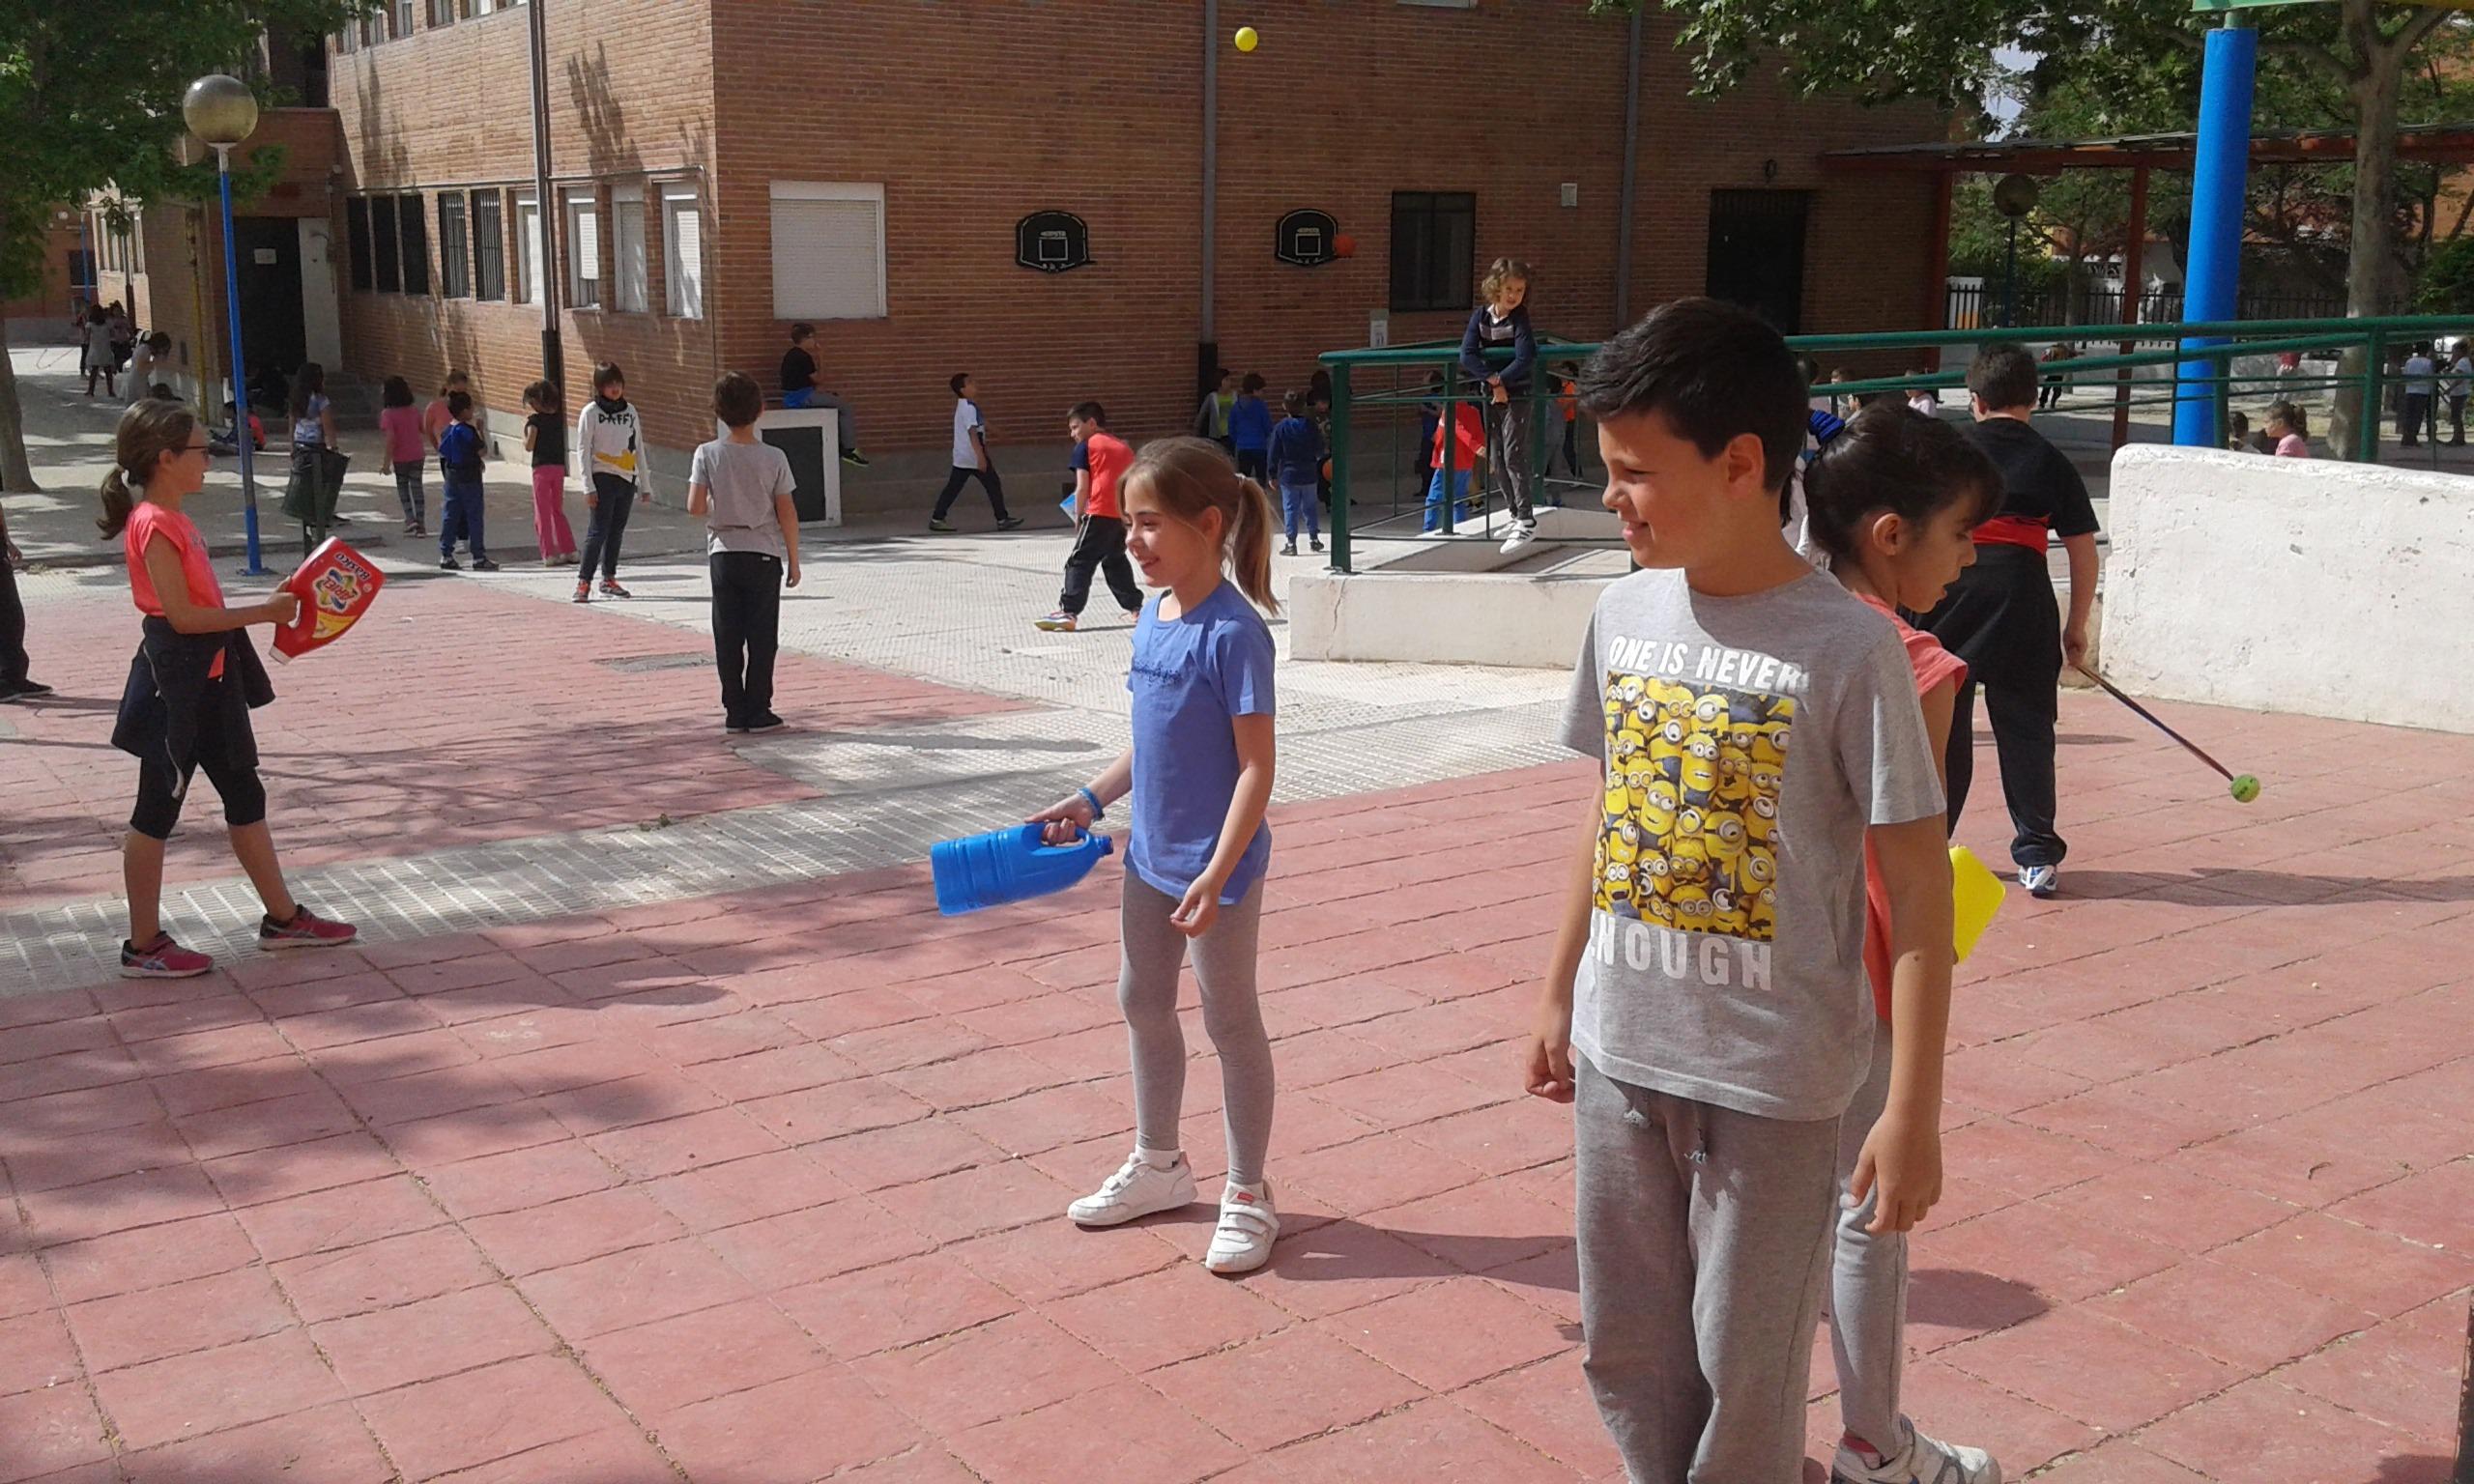 fabricamos pelotas voladoras y receptóbolos.Jugamos en el patio 3